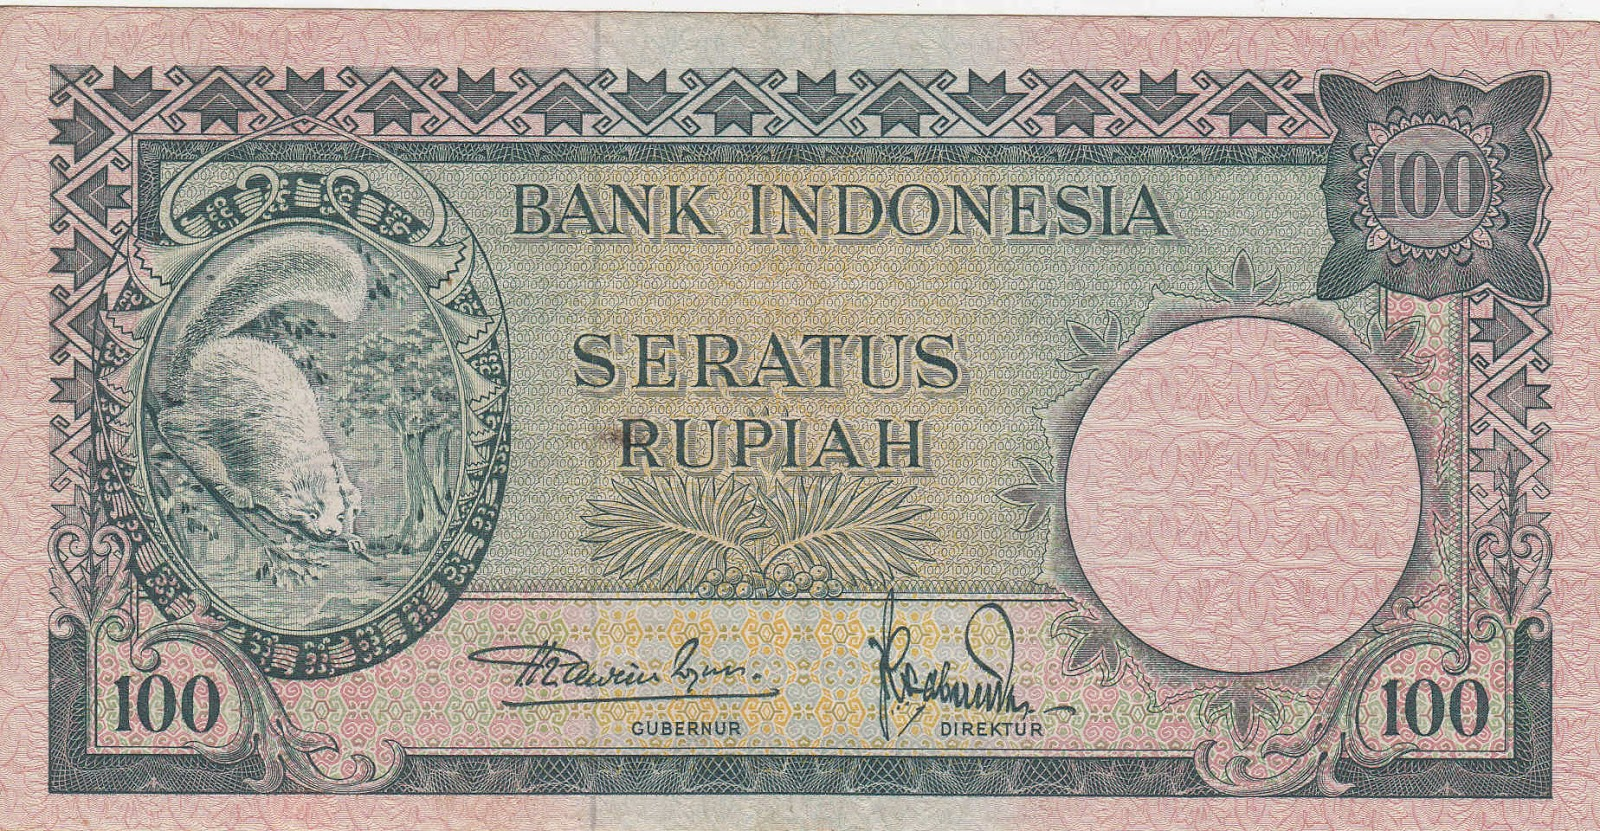 uang kuno Seri Hewan tahun 1957 pecahan 100 rupiah